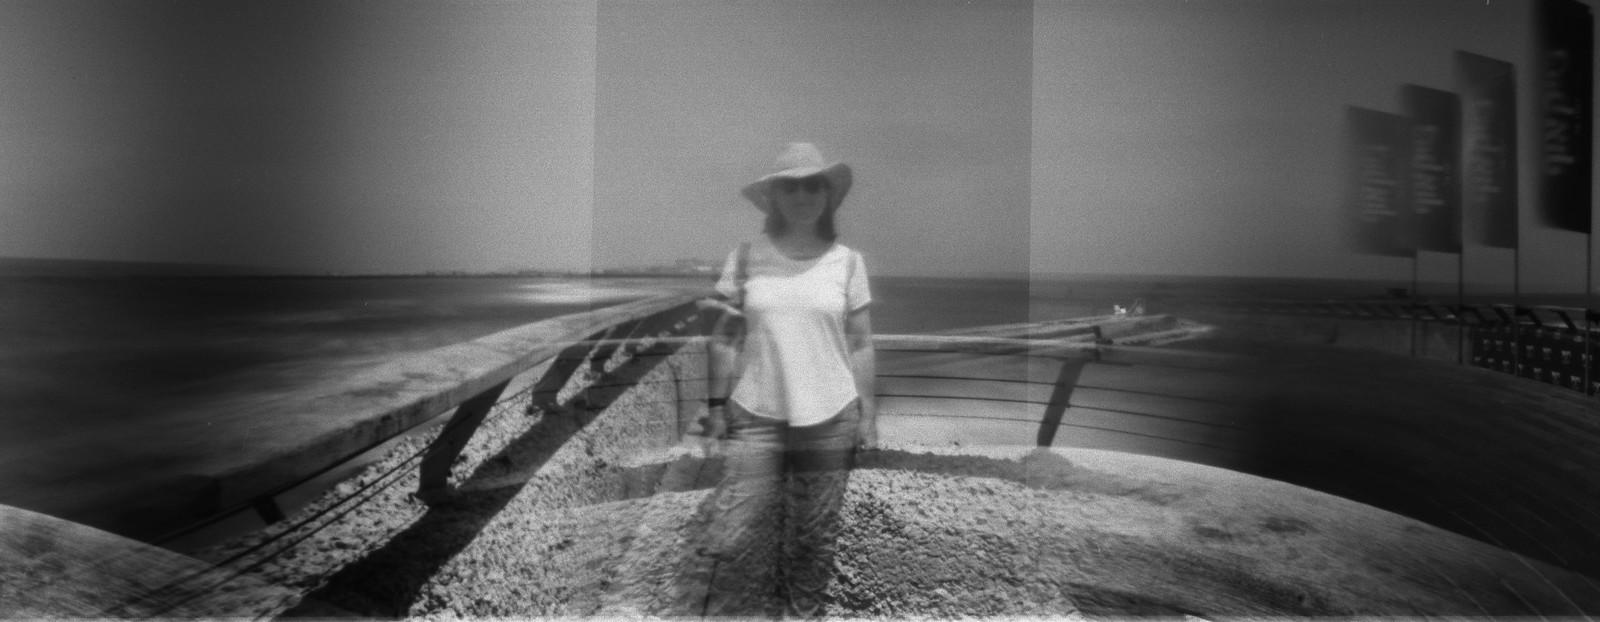 Daphne Schnitzer - Daphne Schnitzer Blender 120 pinhole autoportrait.jpg